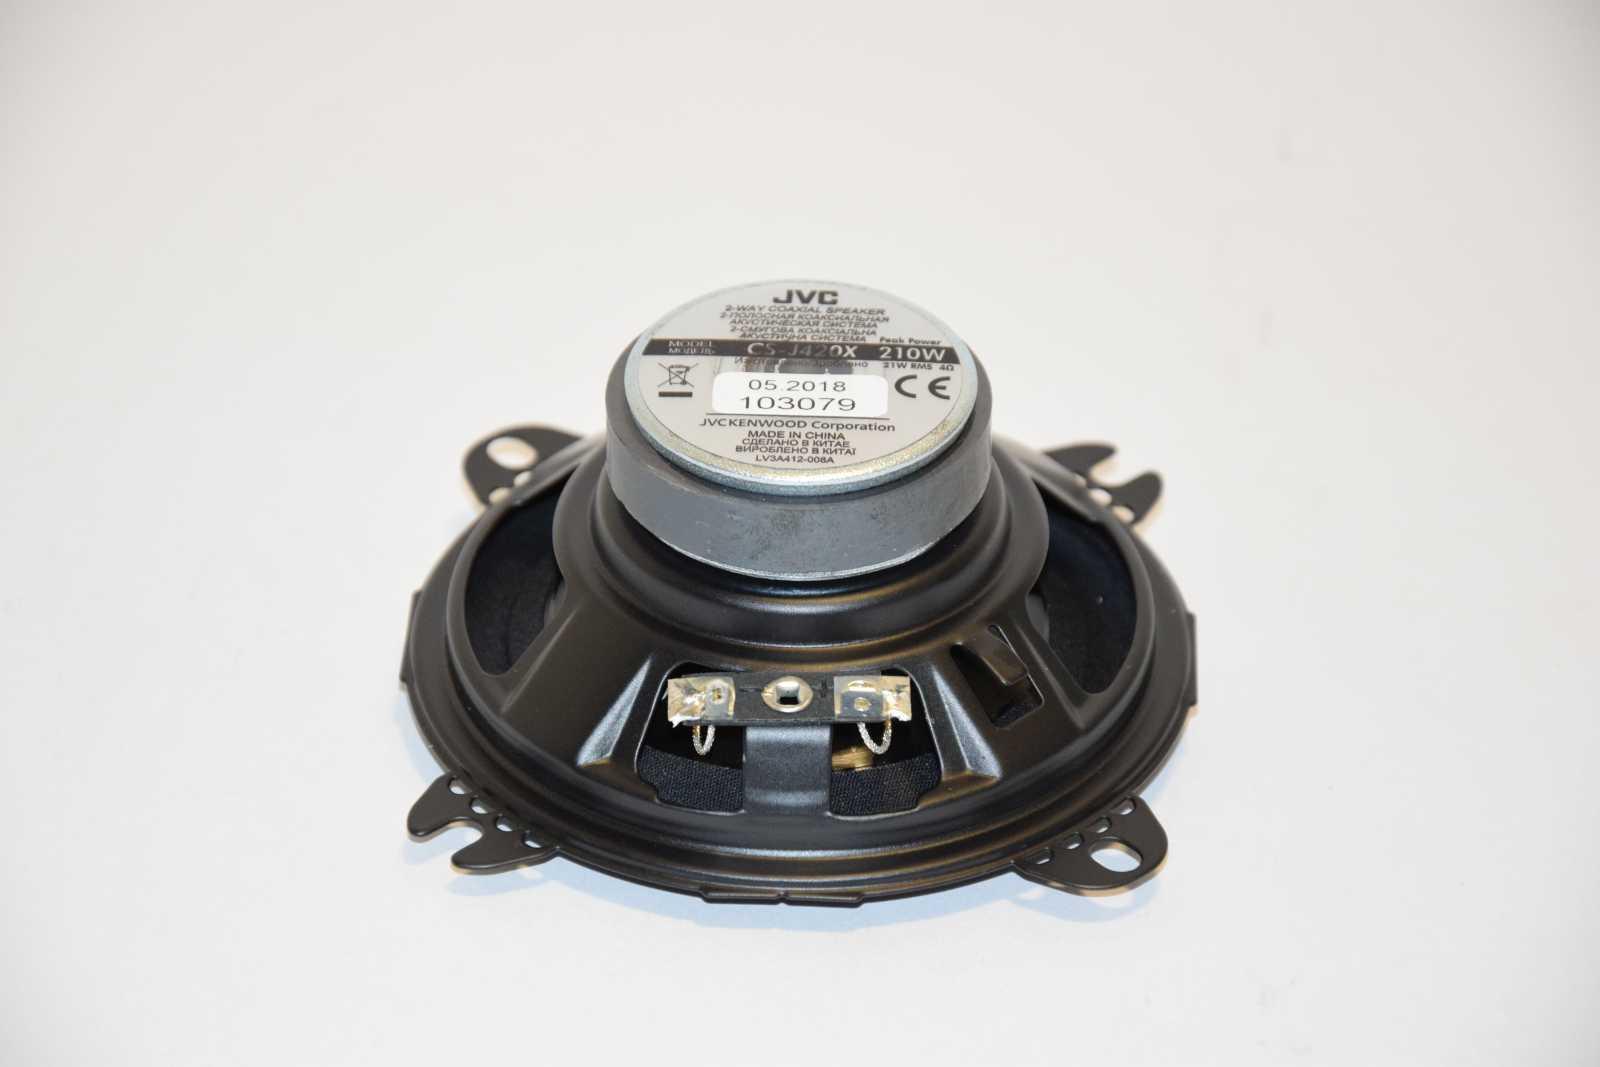 00-07 Opel Agila Pioneer Lautsprecher Boxen 100mm Koax Armaturenbrett oder Dachhimmel Hinten